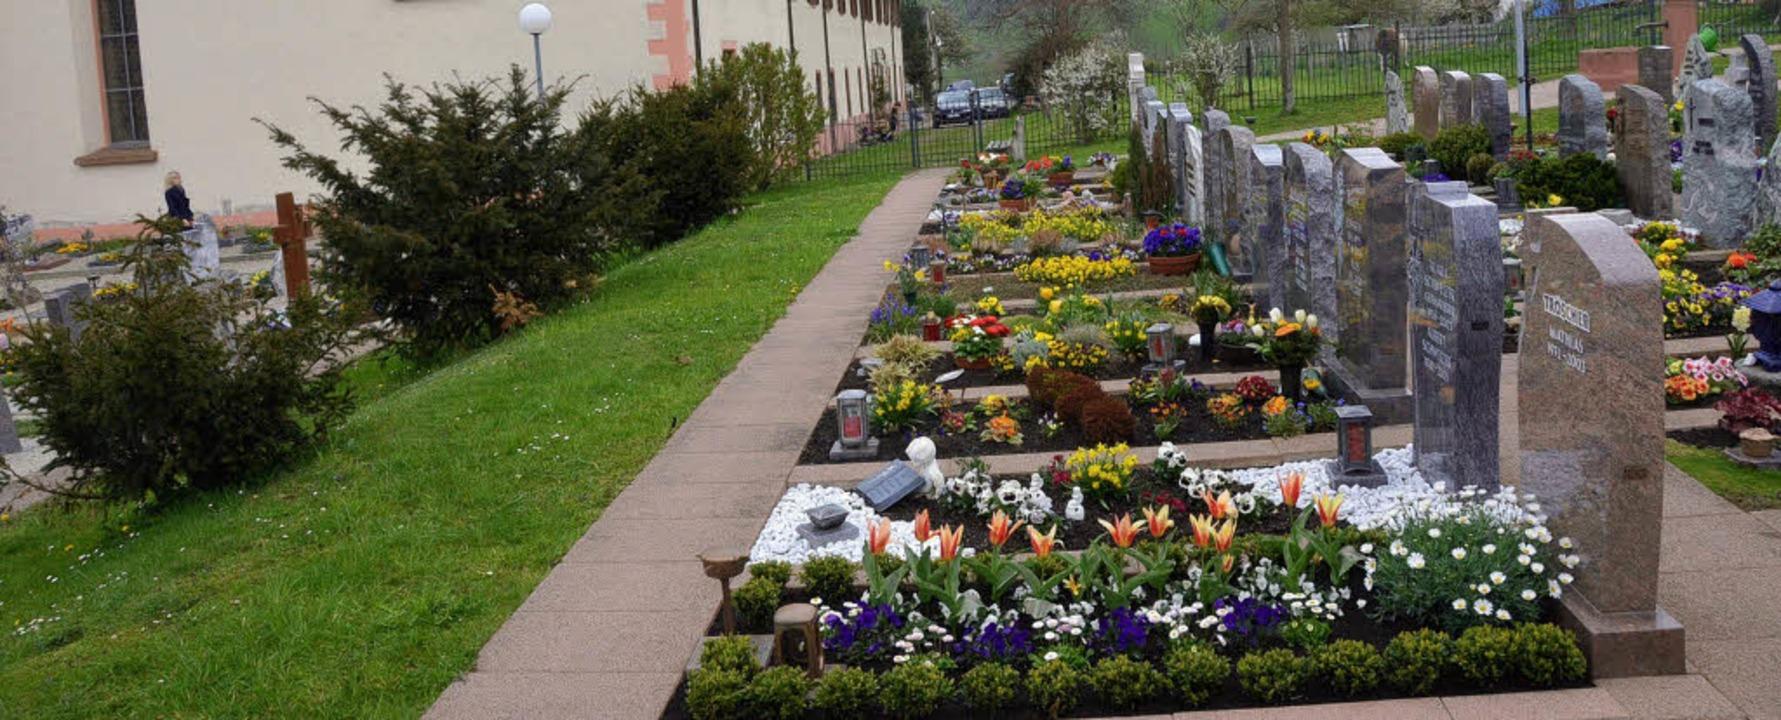 Der Friedhof in Oberried wird mit der ... ein neues Erscheinungsbild erhalten.   | Foto: Markus Donner